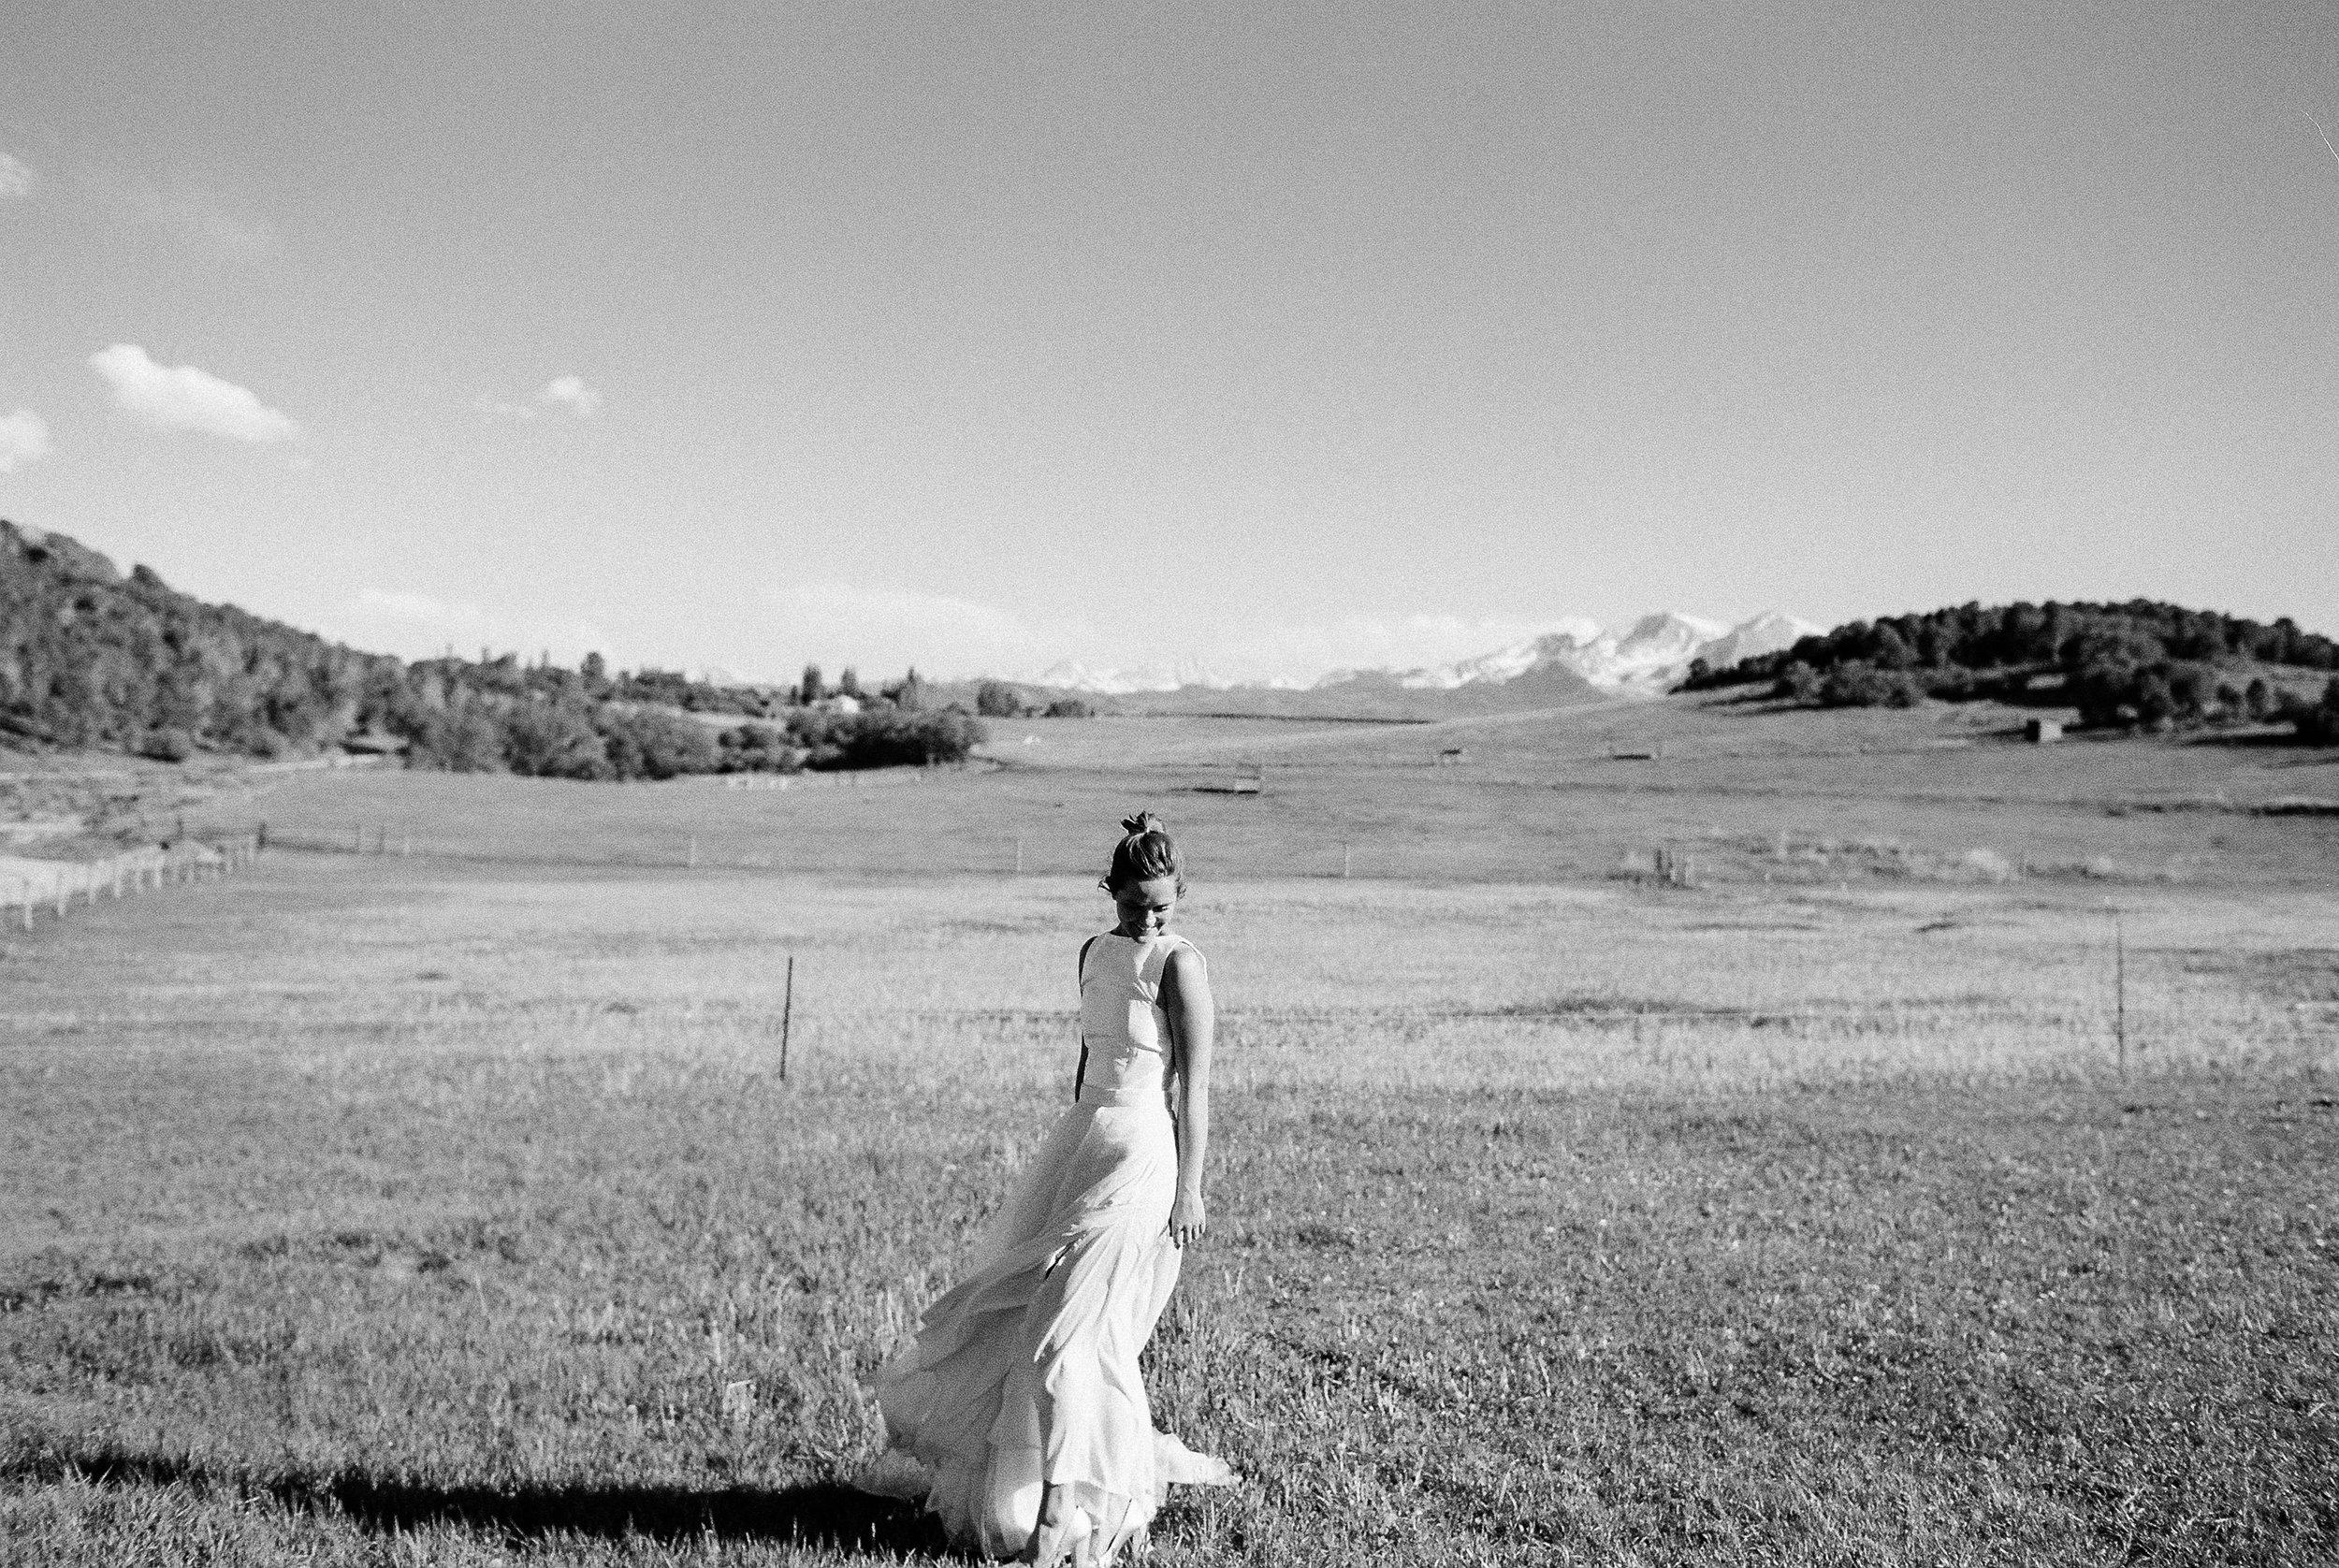 merrill landscape black and white .jpg